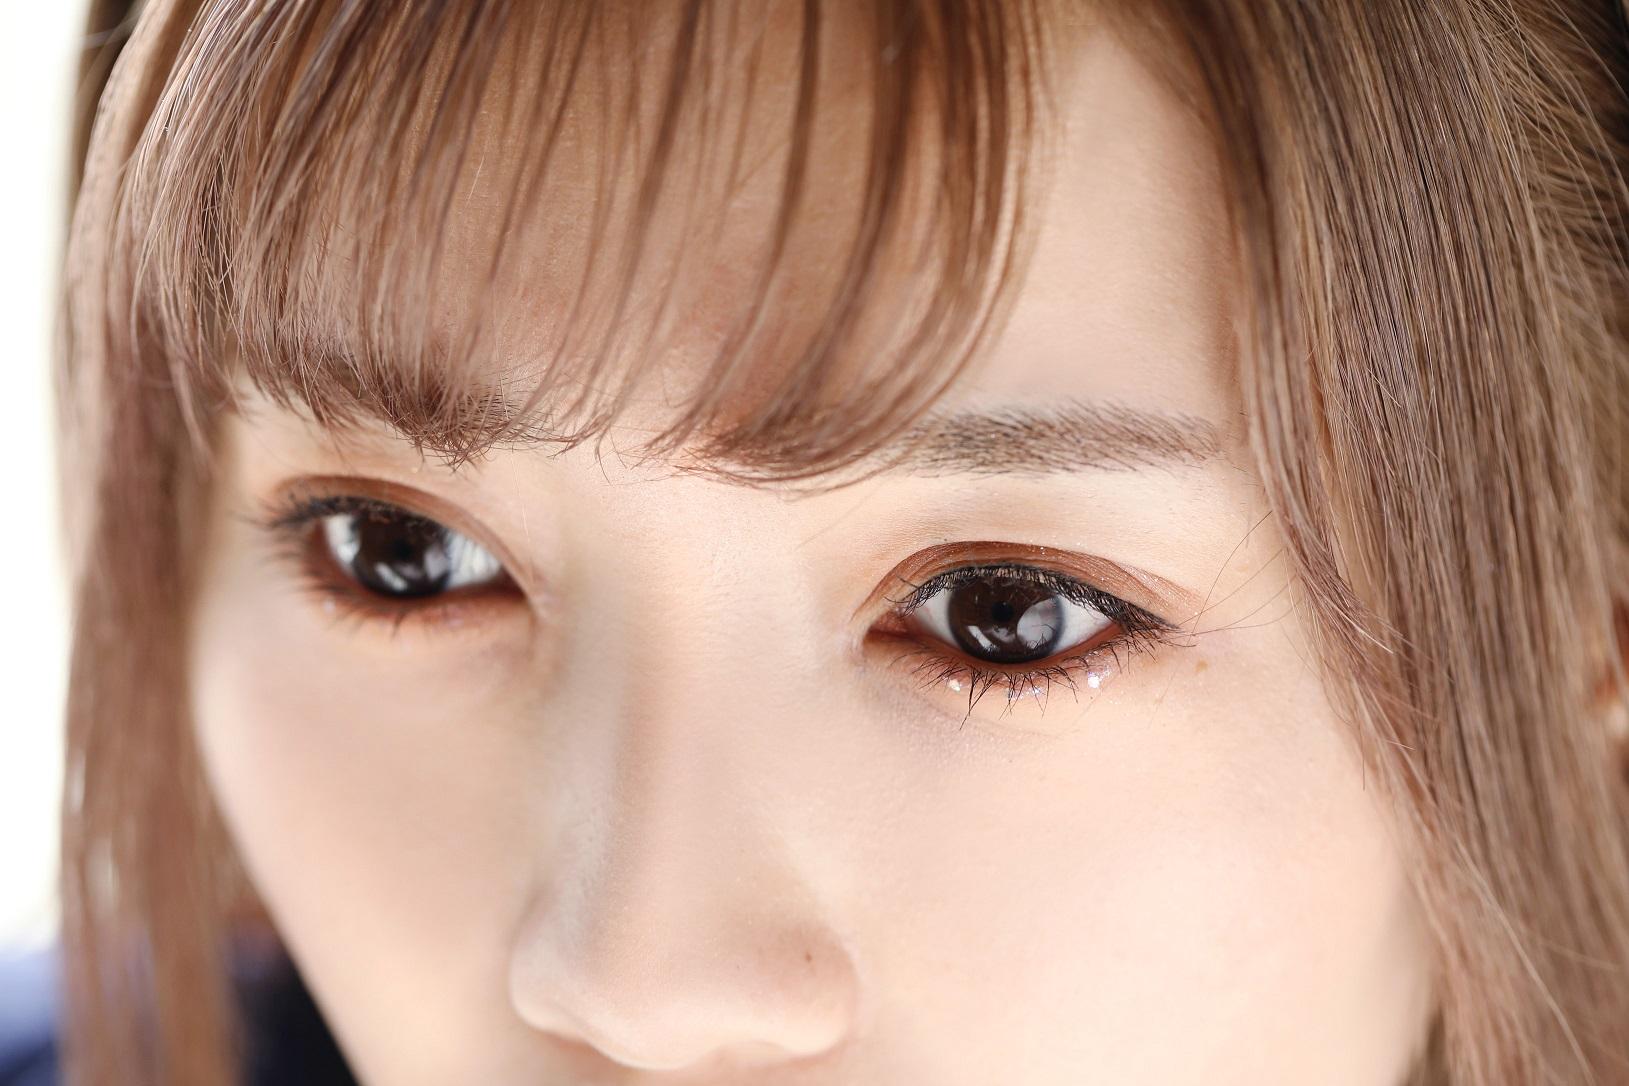 """Singing Cosplayer Hikari Rilis Video Lagu Cover Pertama di YouTube """"I Want to Meet You (I Want To See You / Aitai)"""" dari GUMI 11"""